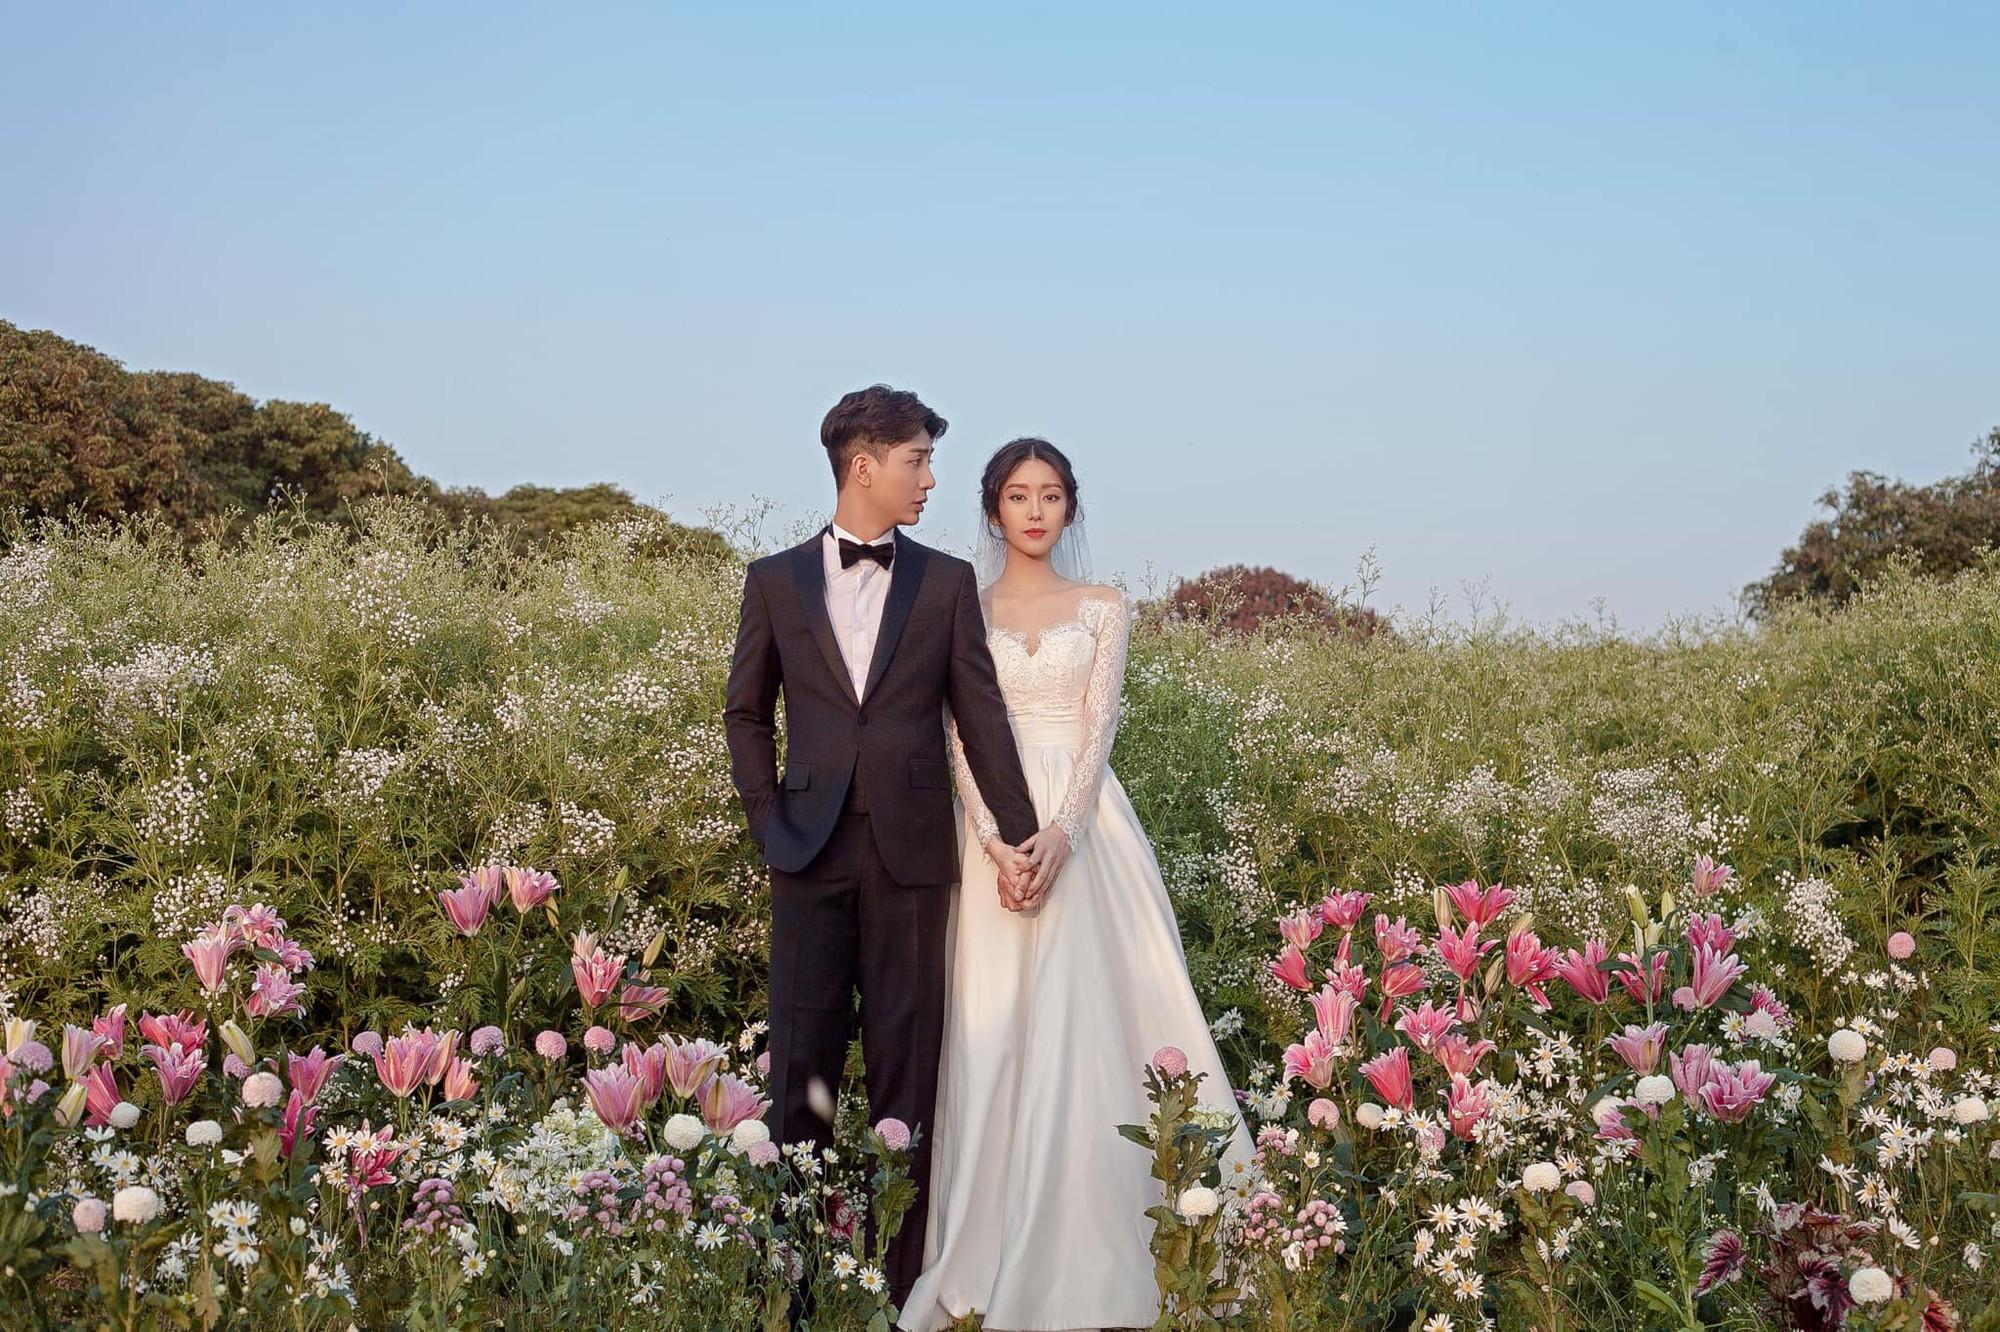 Xài chiêu cưa cẩm bằng trà sữa, chàng chủ shop điển trai cưới được luôn nàng mẫu ảnh xinh như Yoon Eun Hye - Ảnh 1.